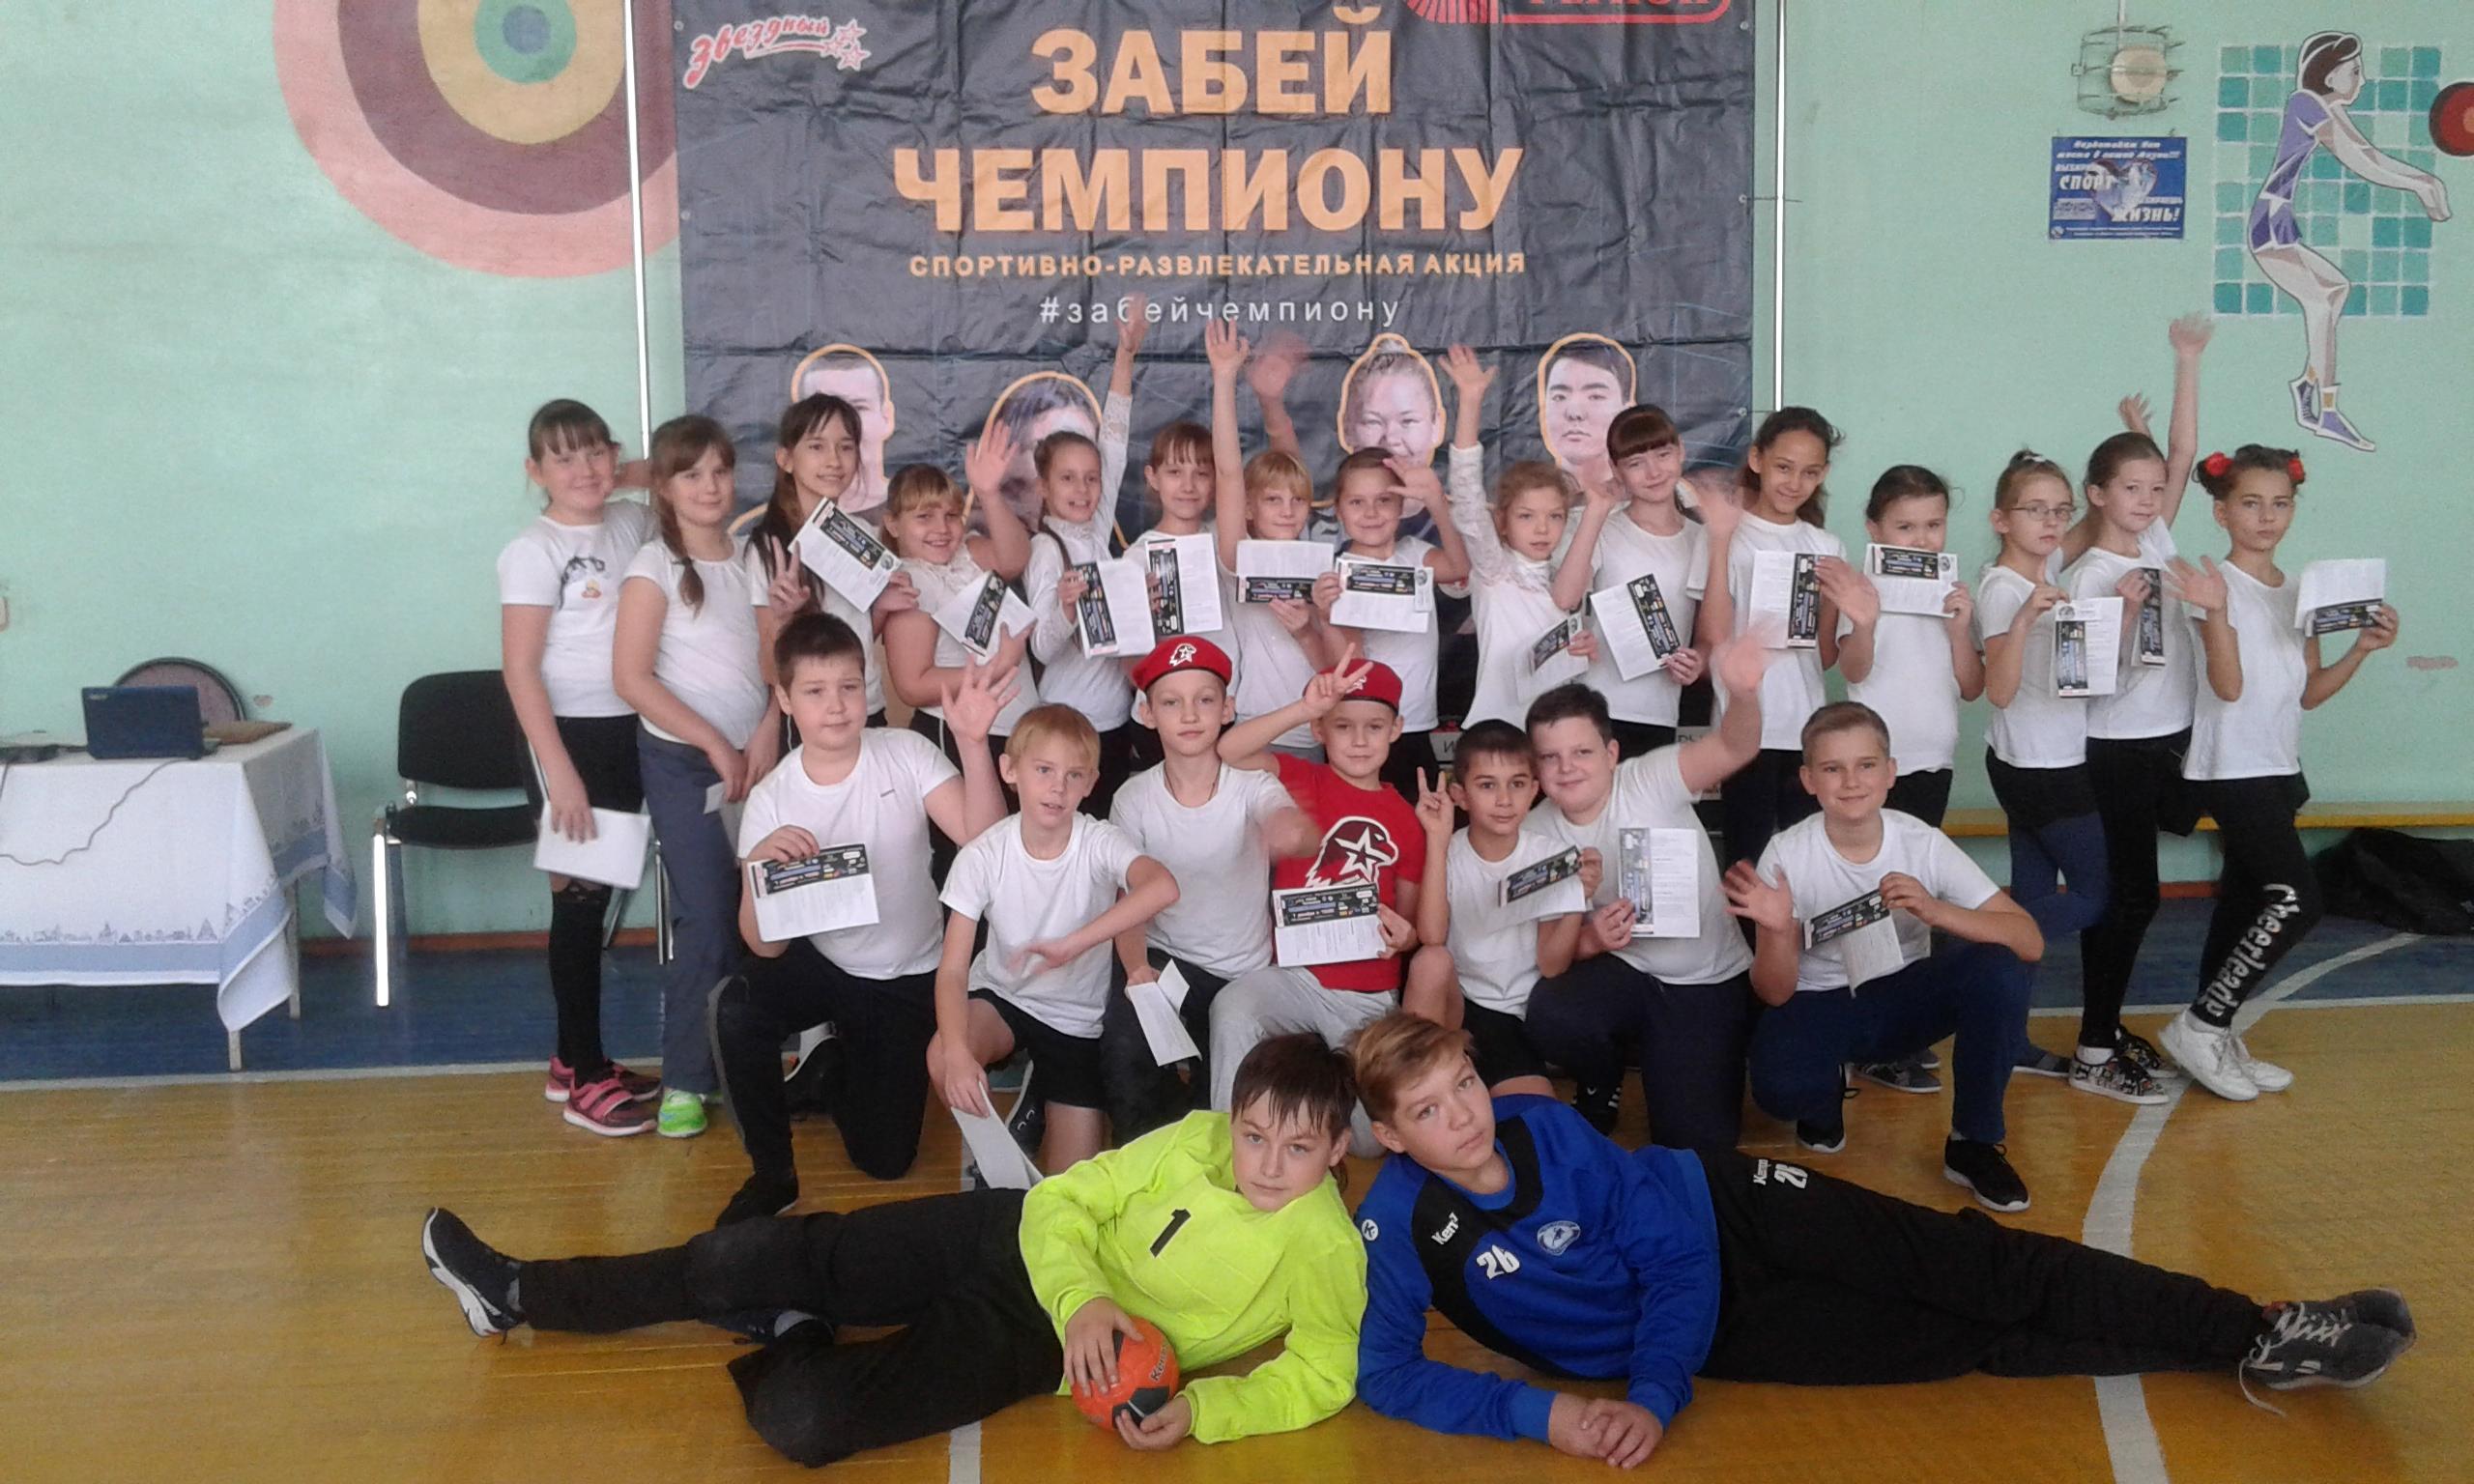 В МБОУ г. Астрахани «СОШ № 36» прошел 5 этап спортивной акции  «Забей ЧЕМПИОНУ»